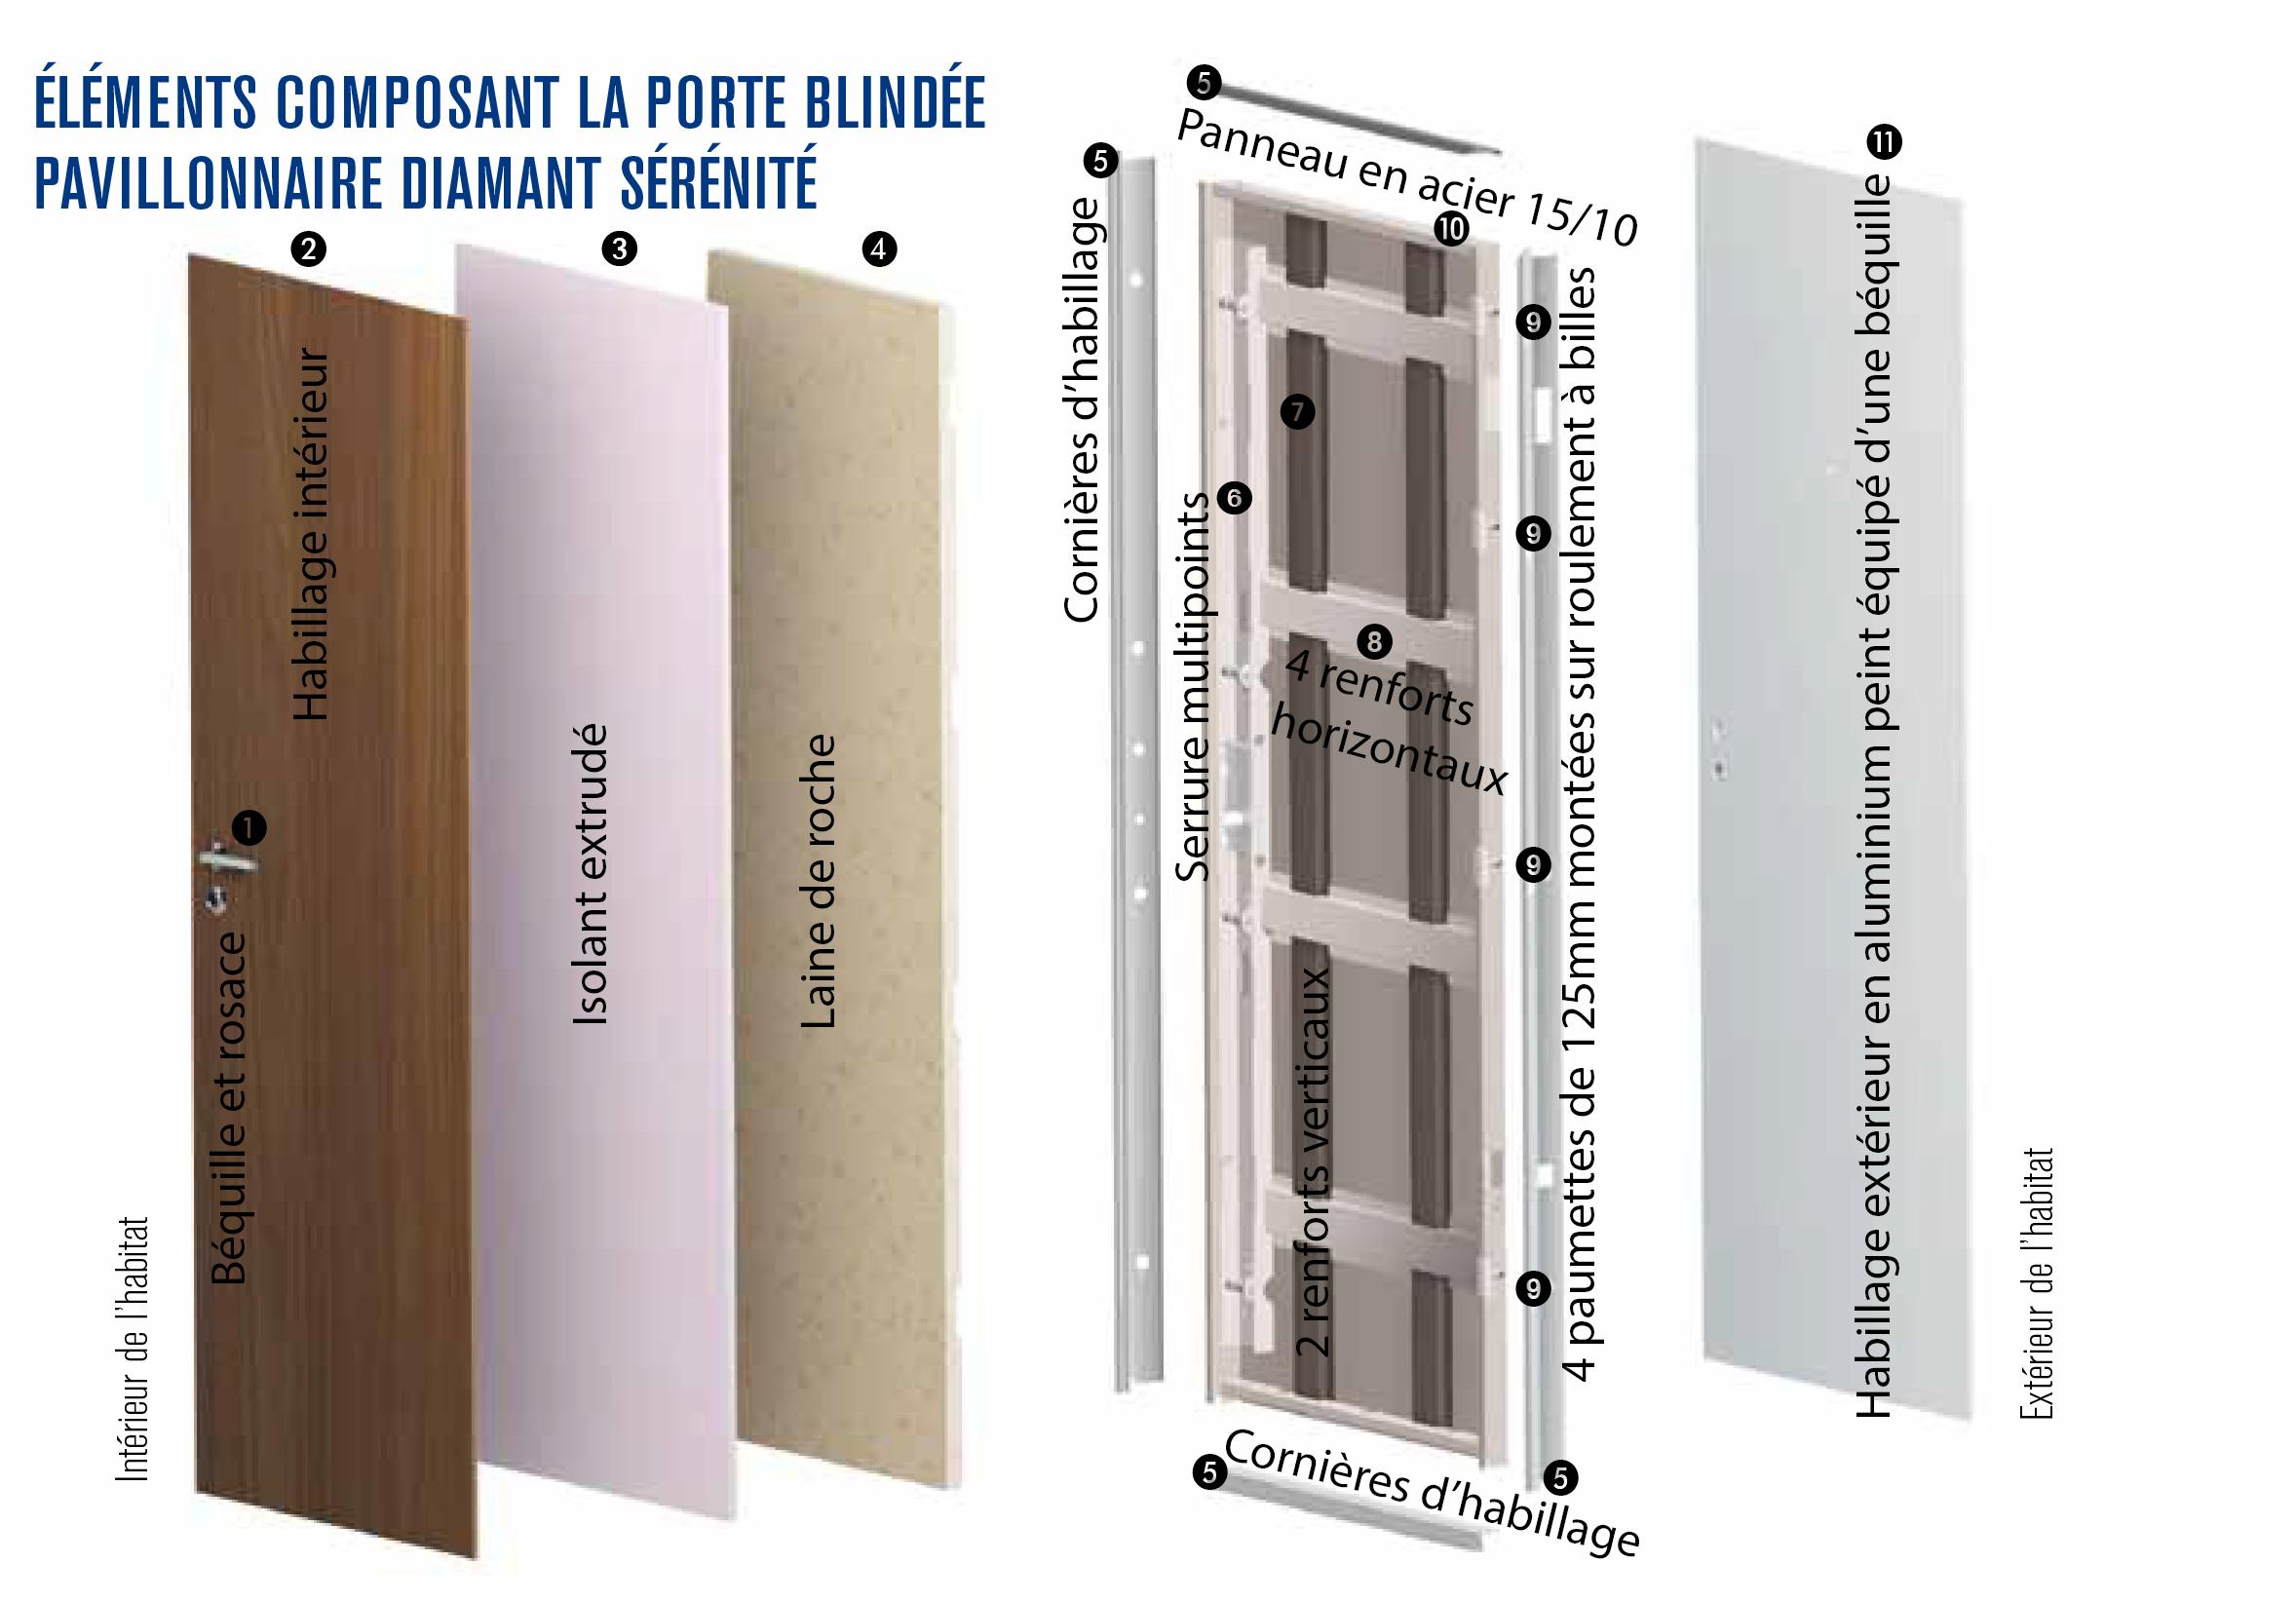 element composant la porte blindee pavillonnaire